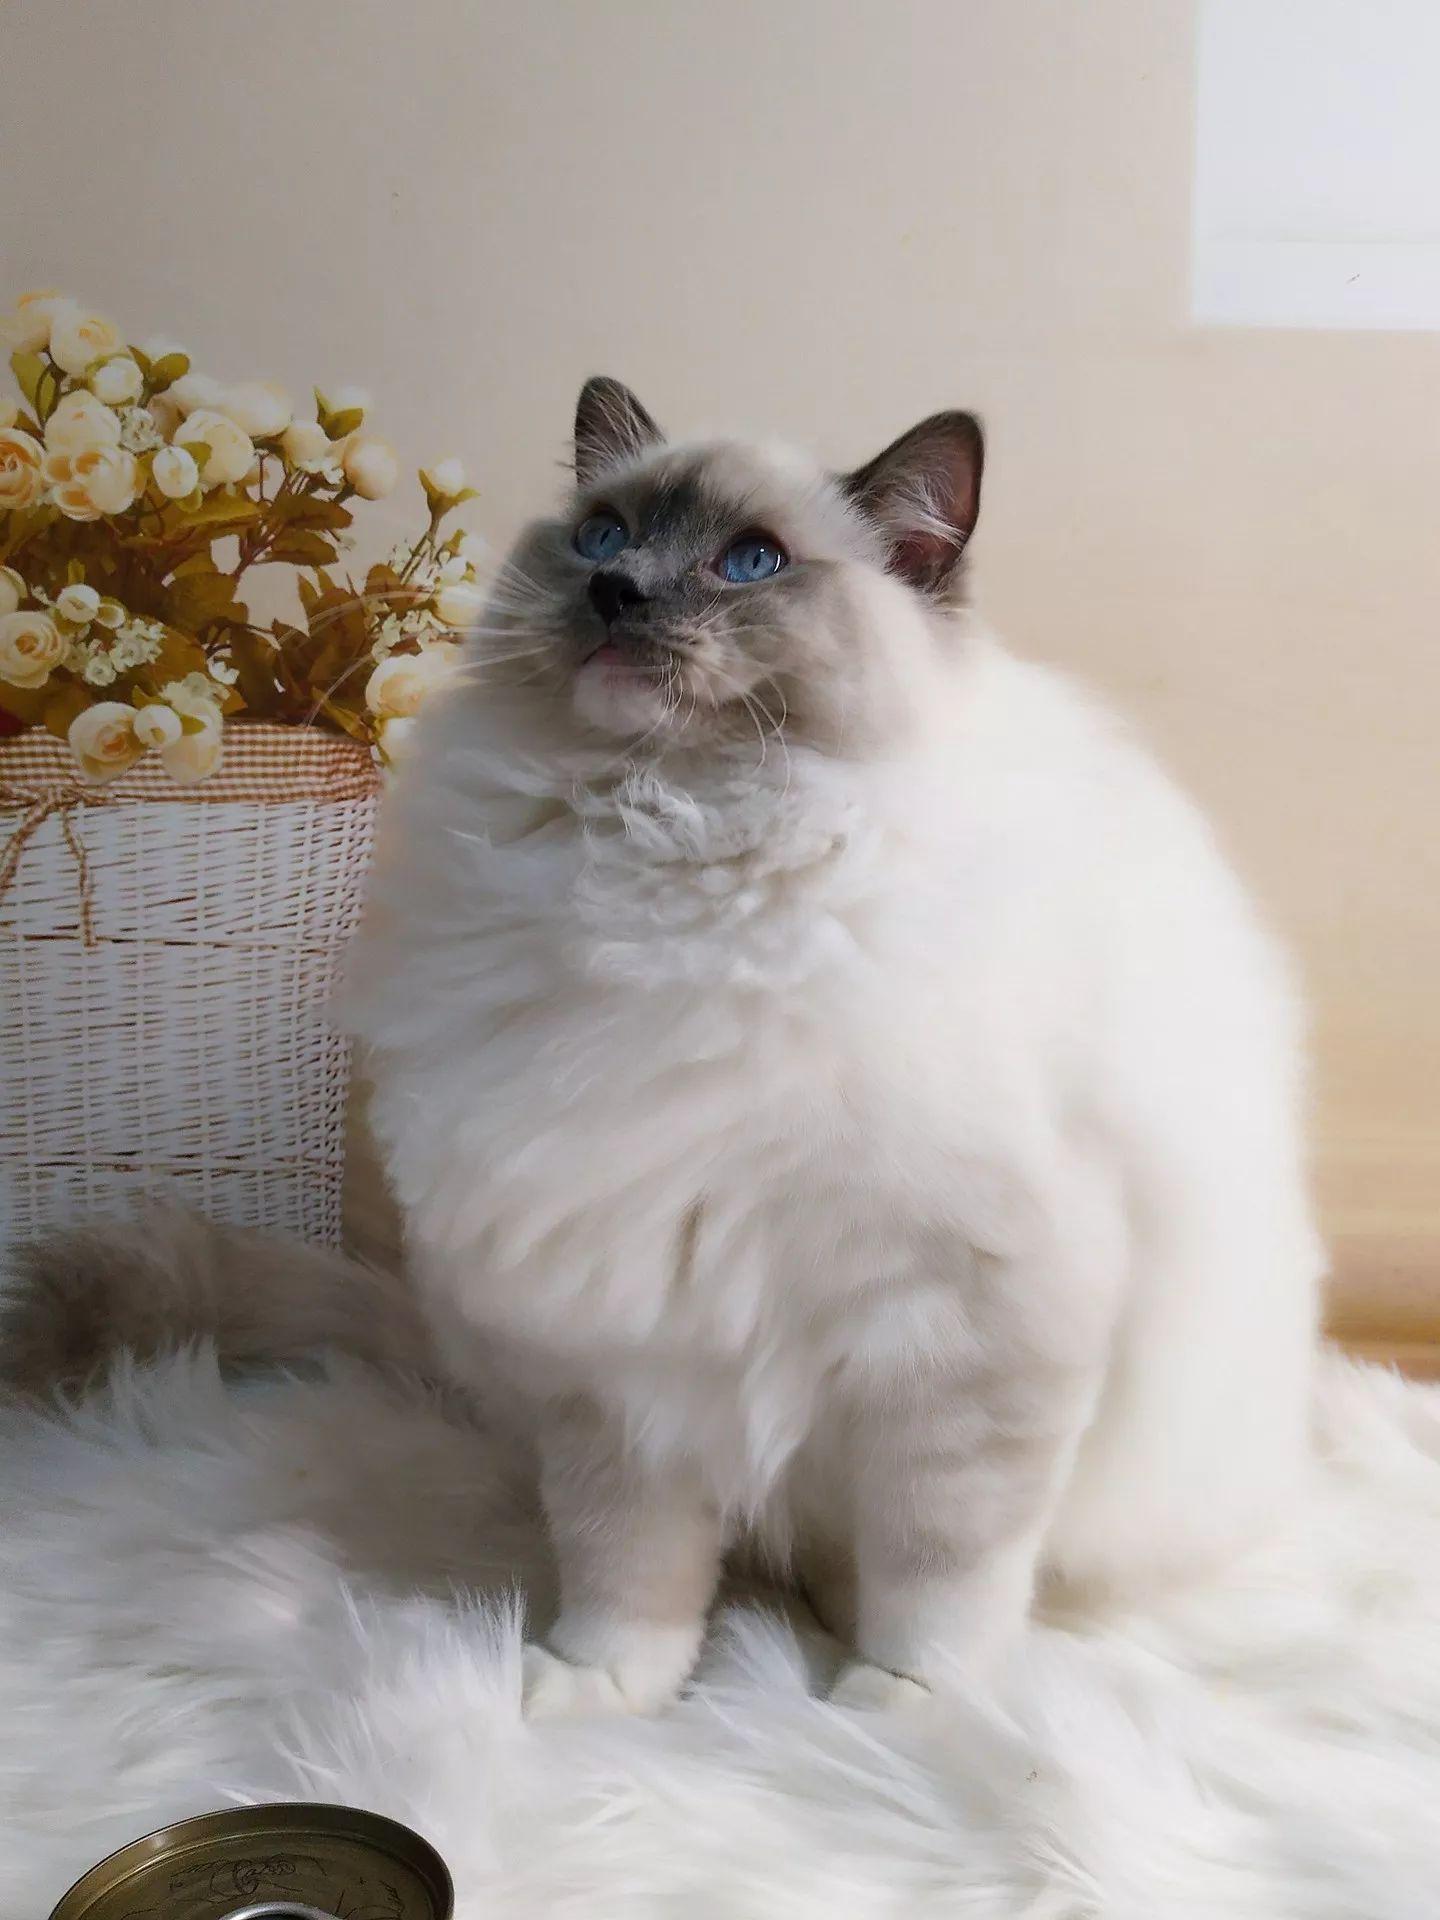 家养纯种布偶猫 上班族 养的猫太多有点累 所以打算出几个